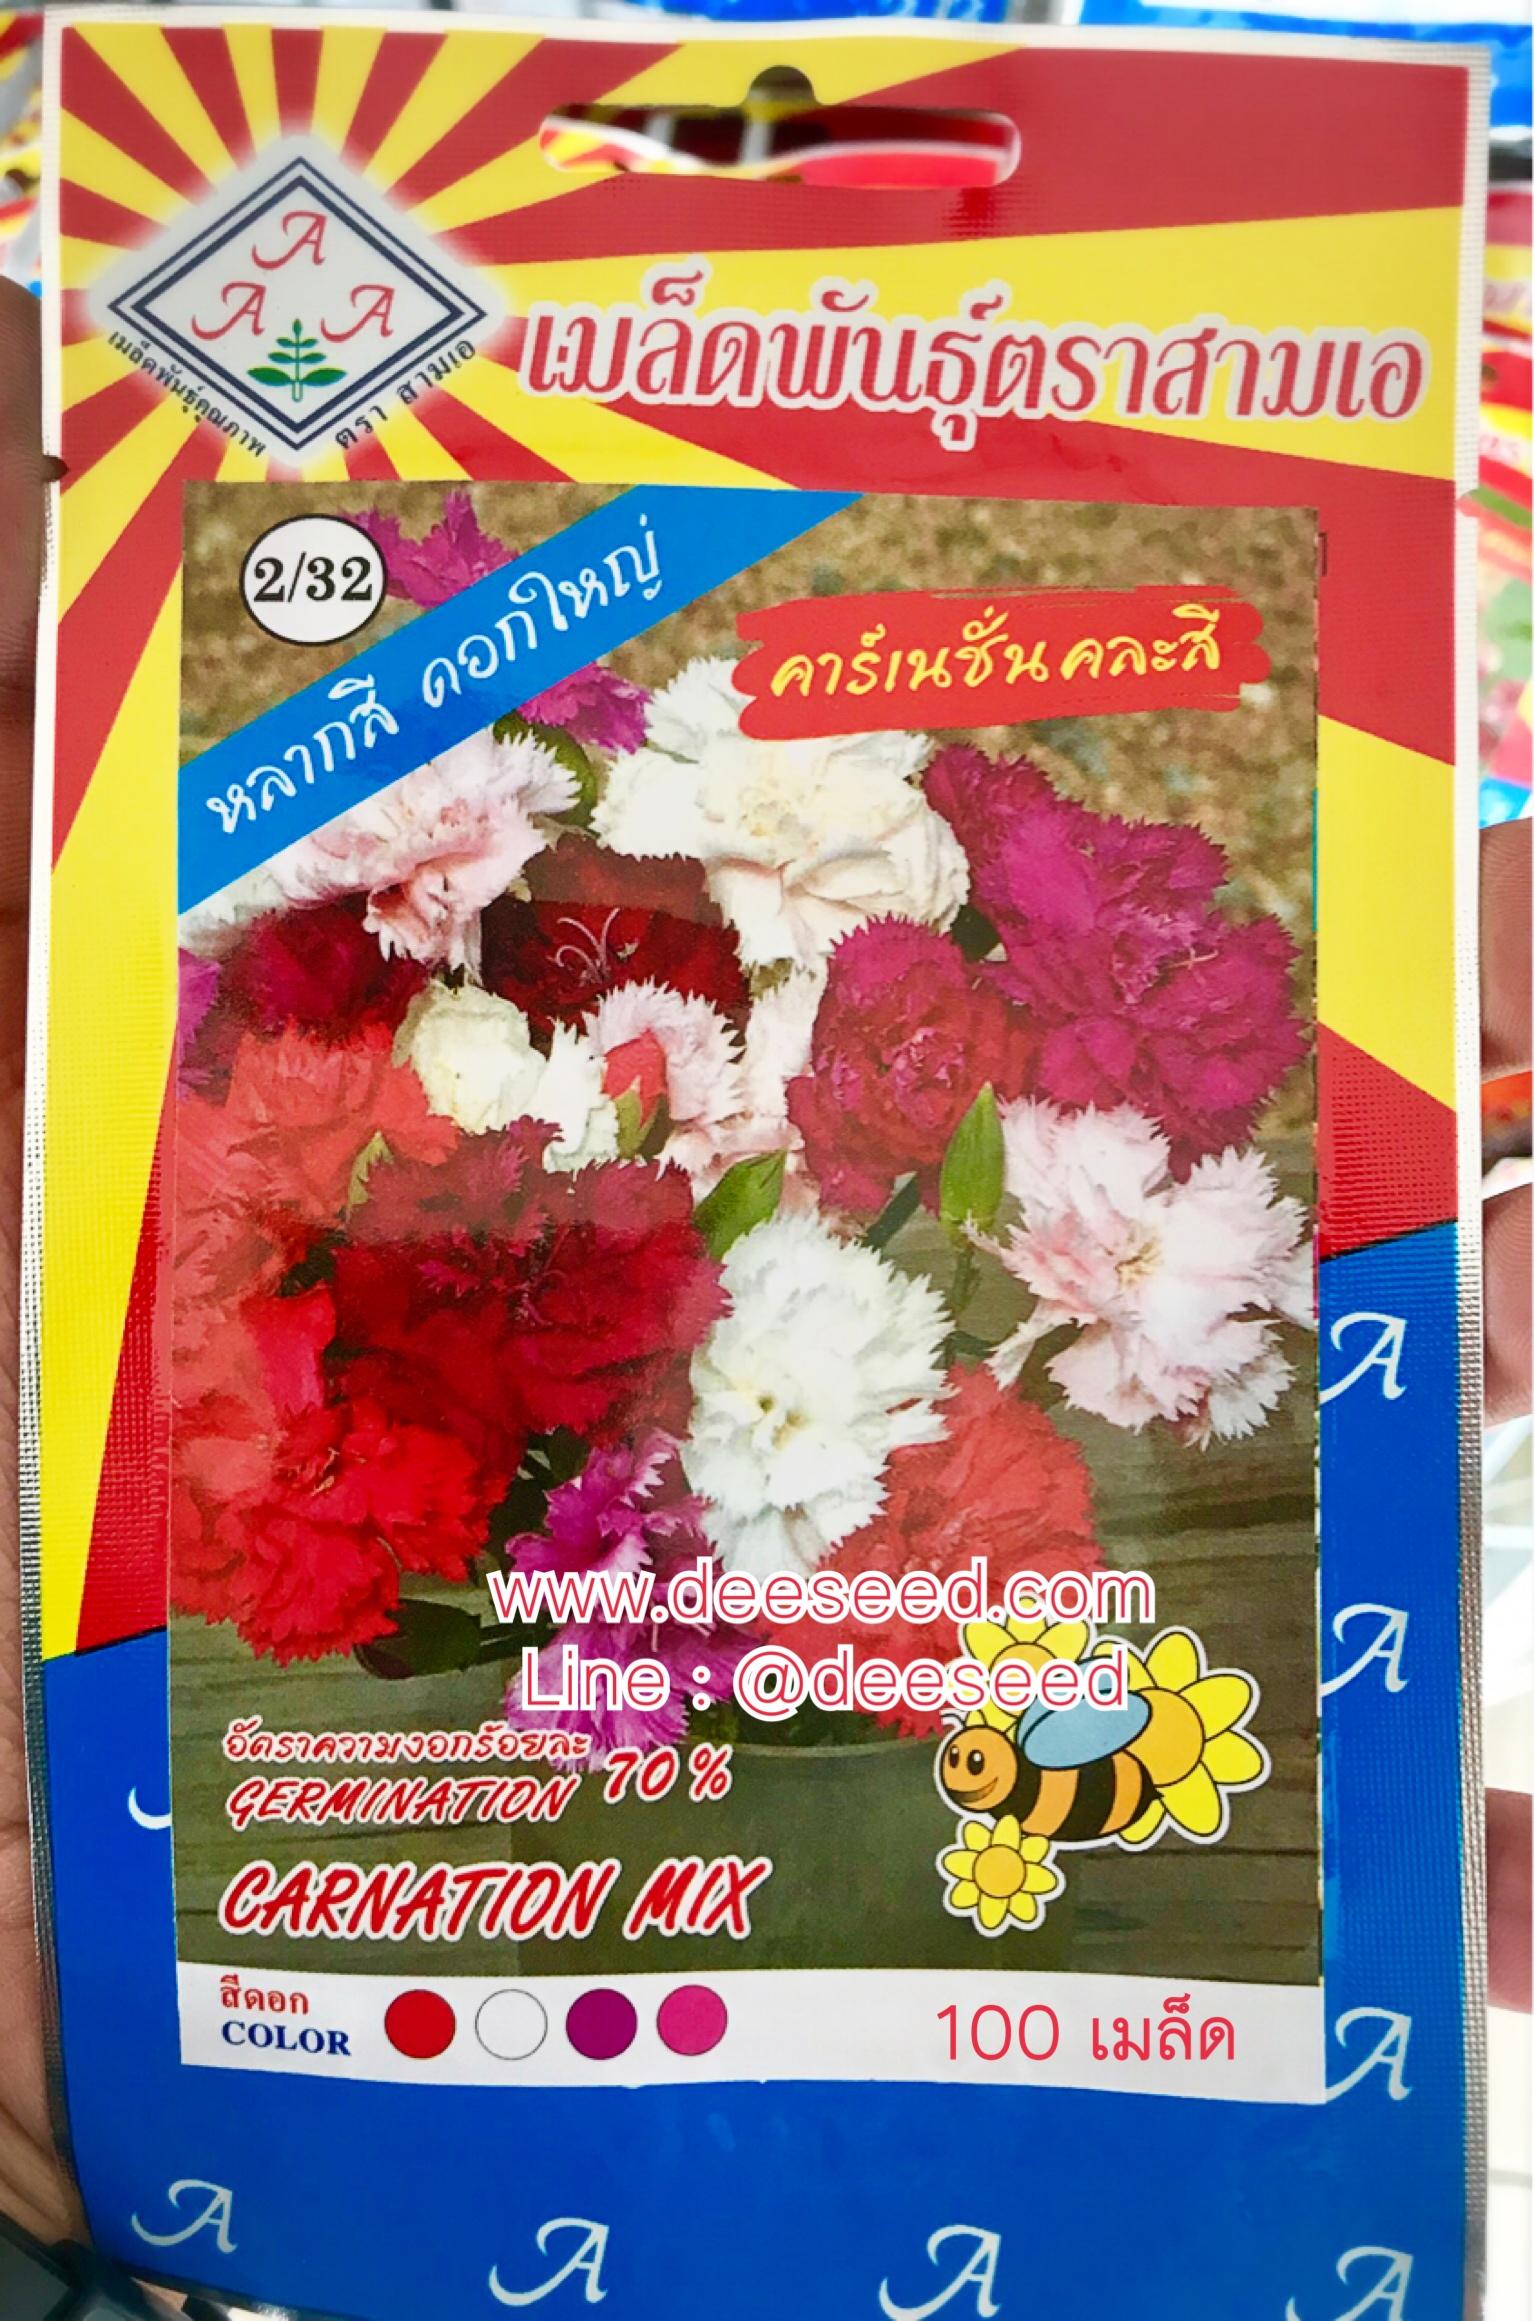 ดอกคาร์เนชั่น คละสี carnation mix 100เมล็ด